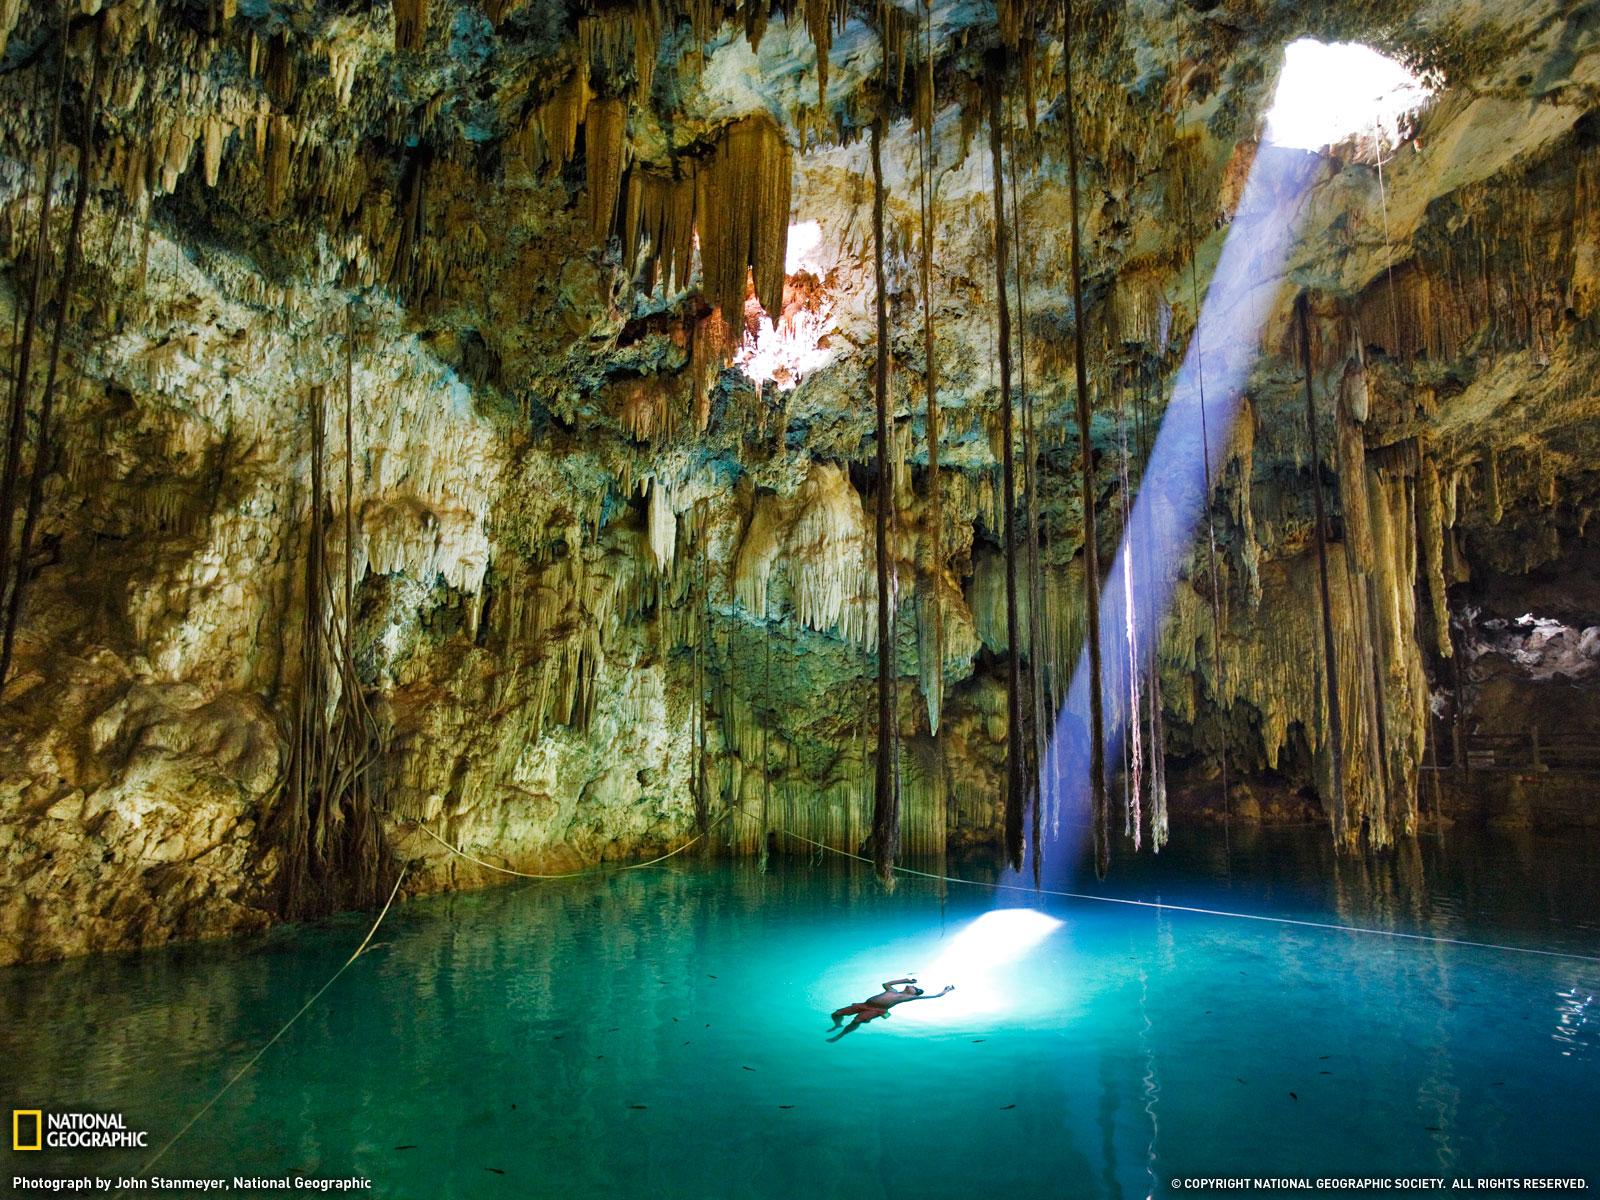 http://4.bp.blogspot.com/-P8T0PJbIQSQ/UG7MEQ29idI/AAAAAAAAEM8/vtNYsg1GTzs/s1600/World%27s+Largest+Crystal+Cave+05.jpg